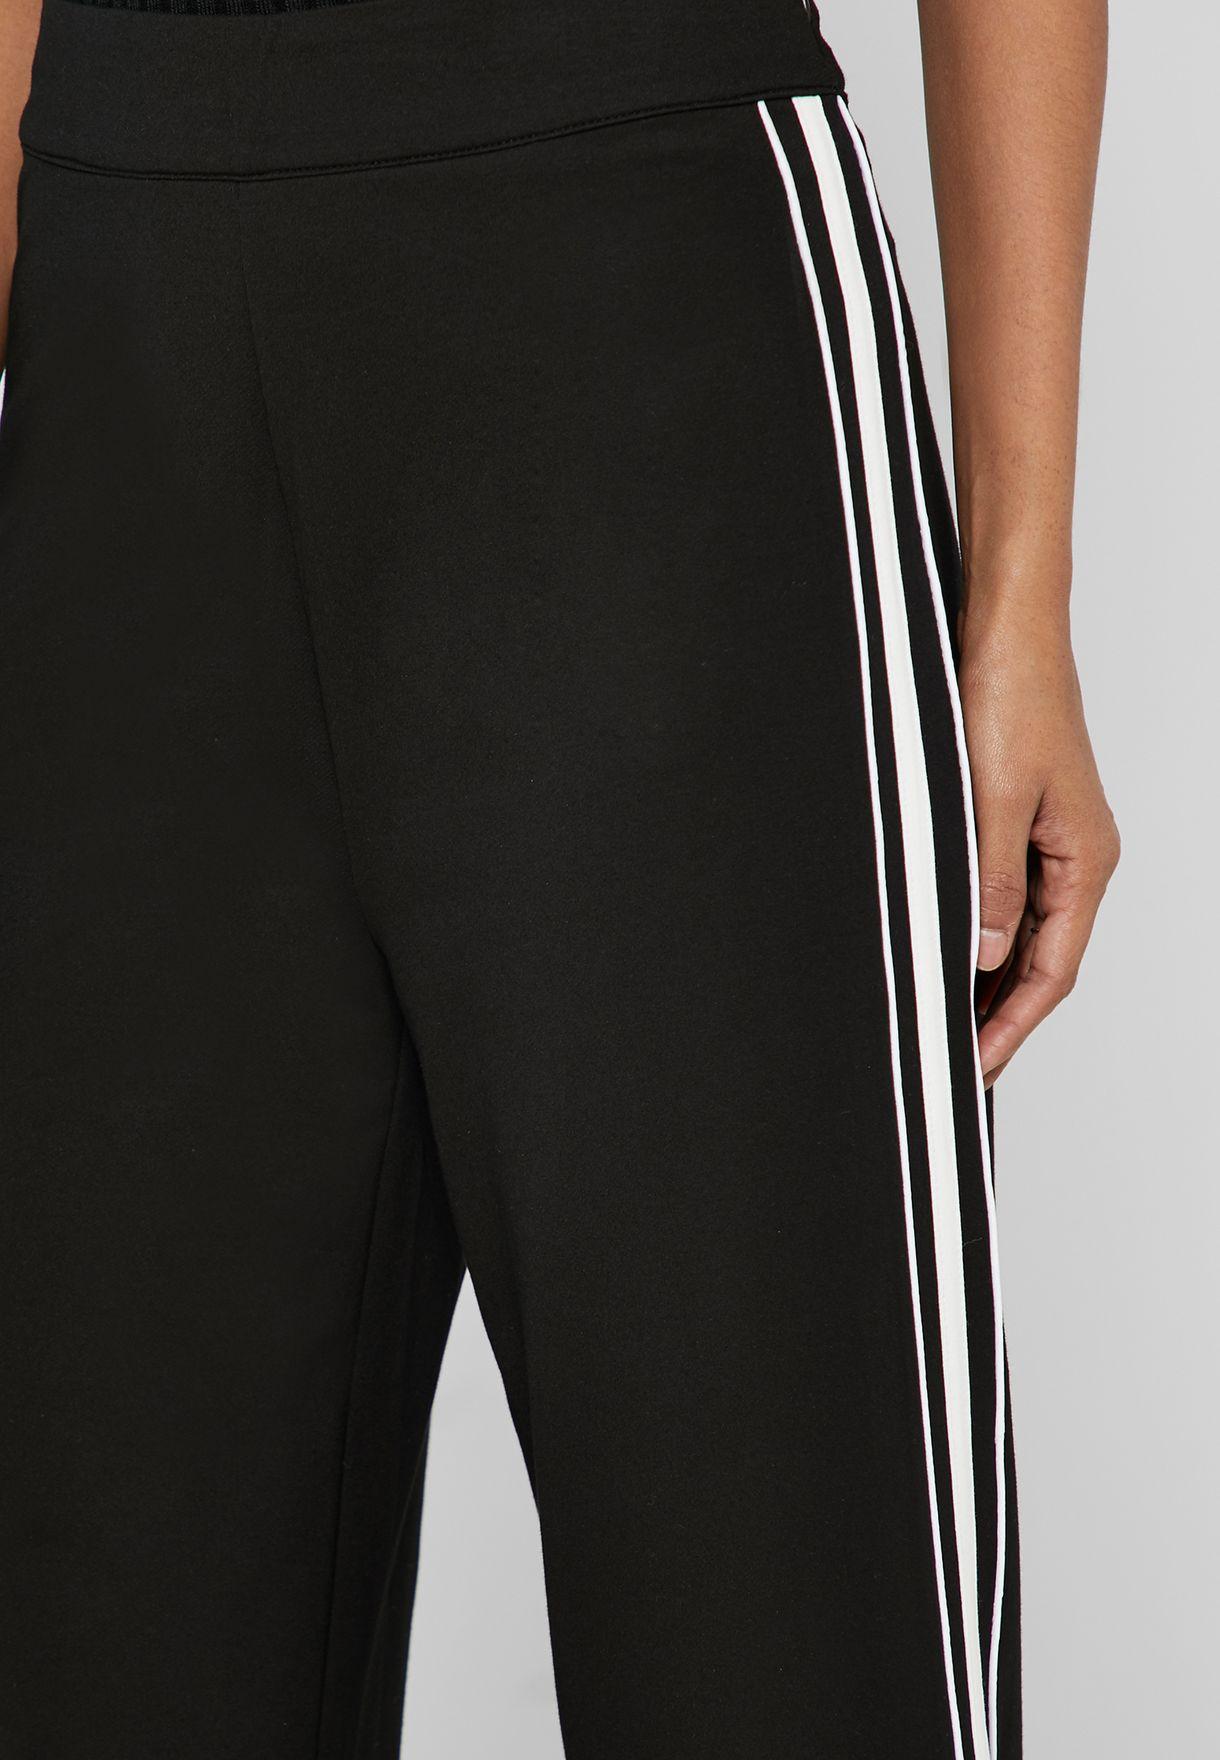 Side Paneled Pants